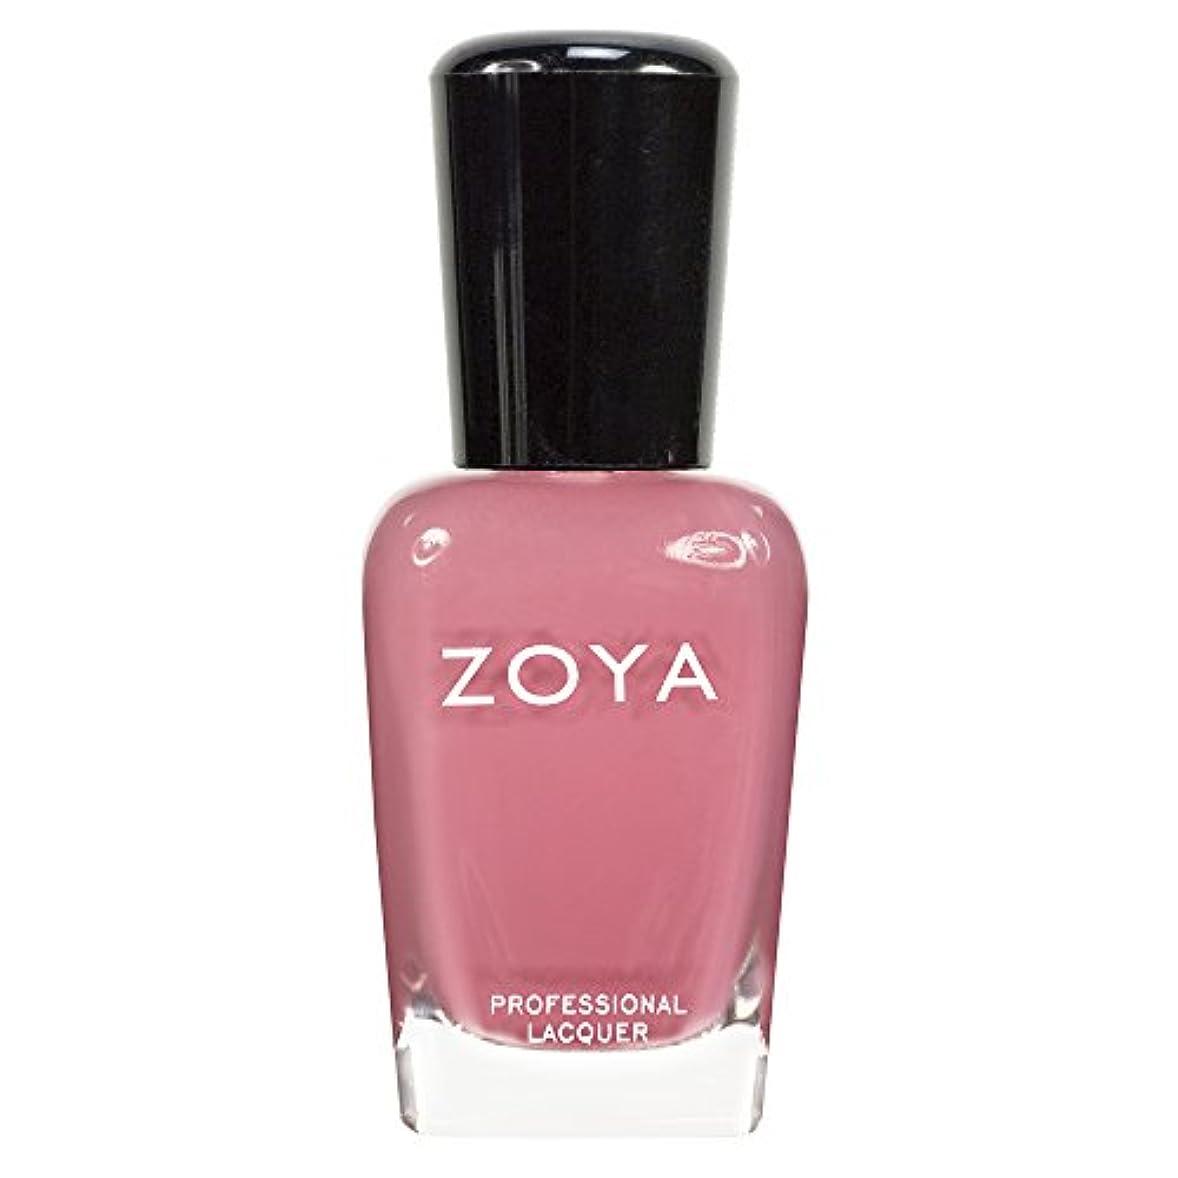 政治家の盲目ゆるいZOYA ゾーヤ ネイルカラーZP436 ZANNA ザンナ  15ml 淡いモーブピンク マット 爪にやさしいネイルラッカーマニキュア